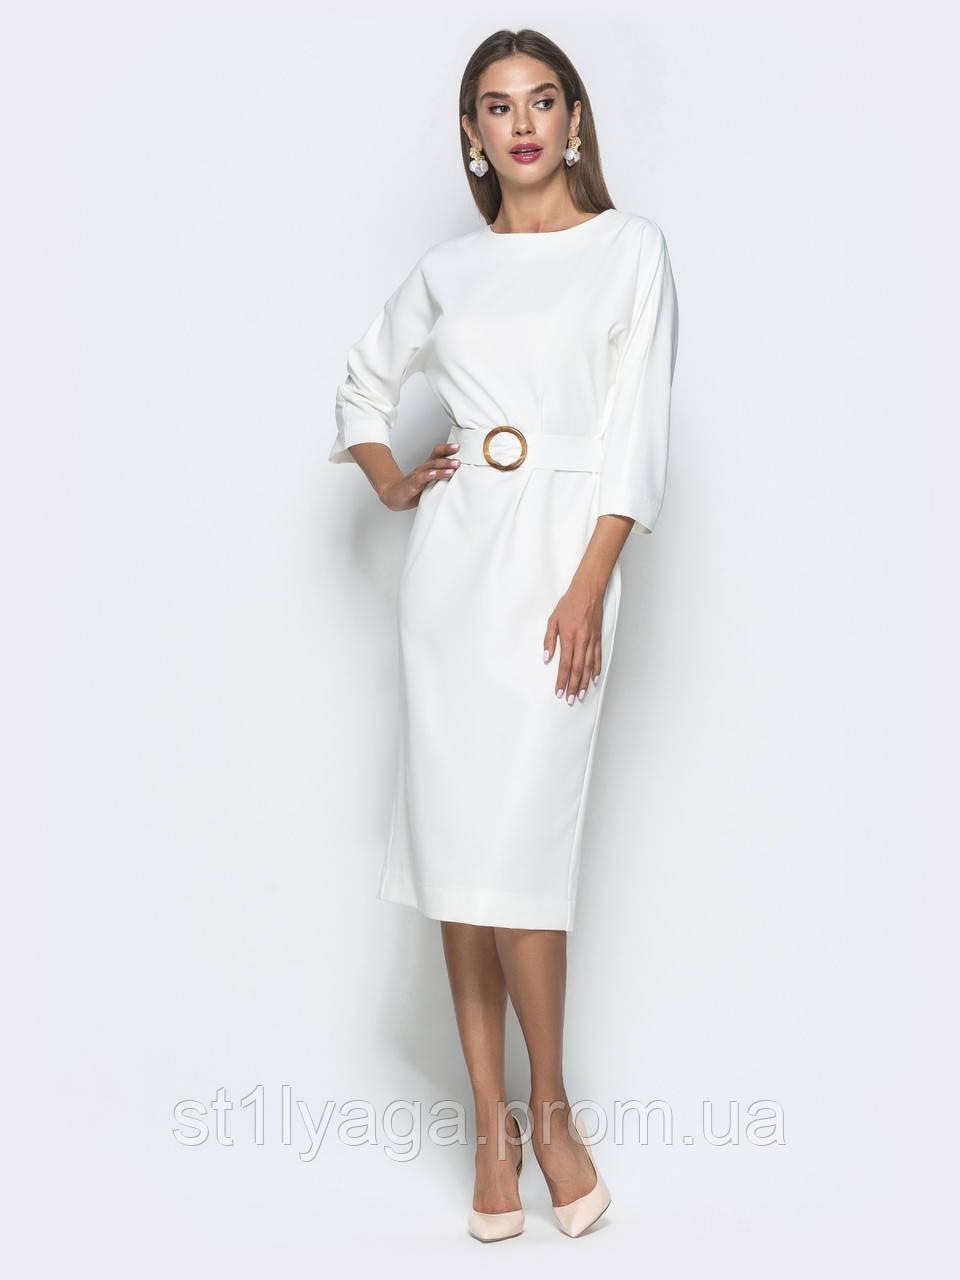 Приталене біле плаття довжиною міді з рукавом три чверті